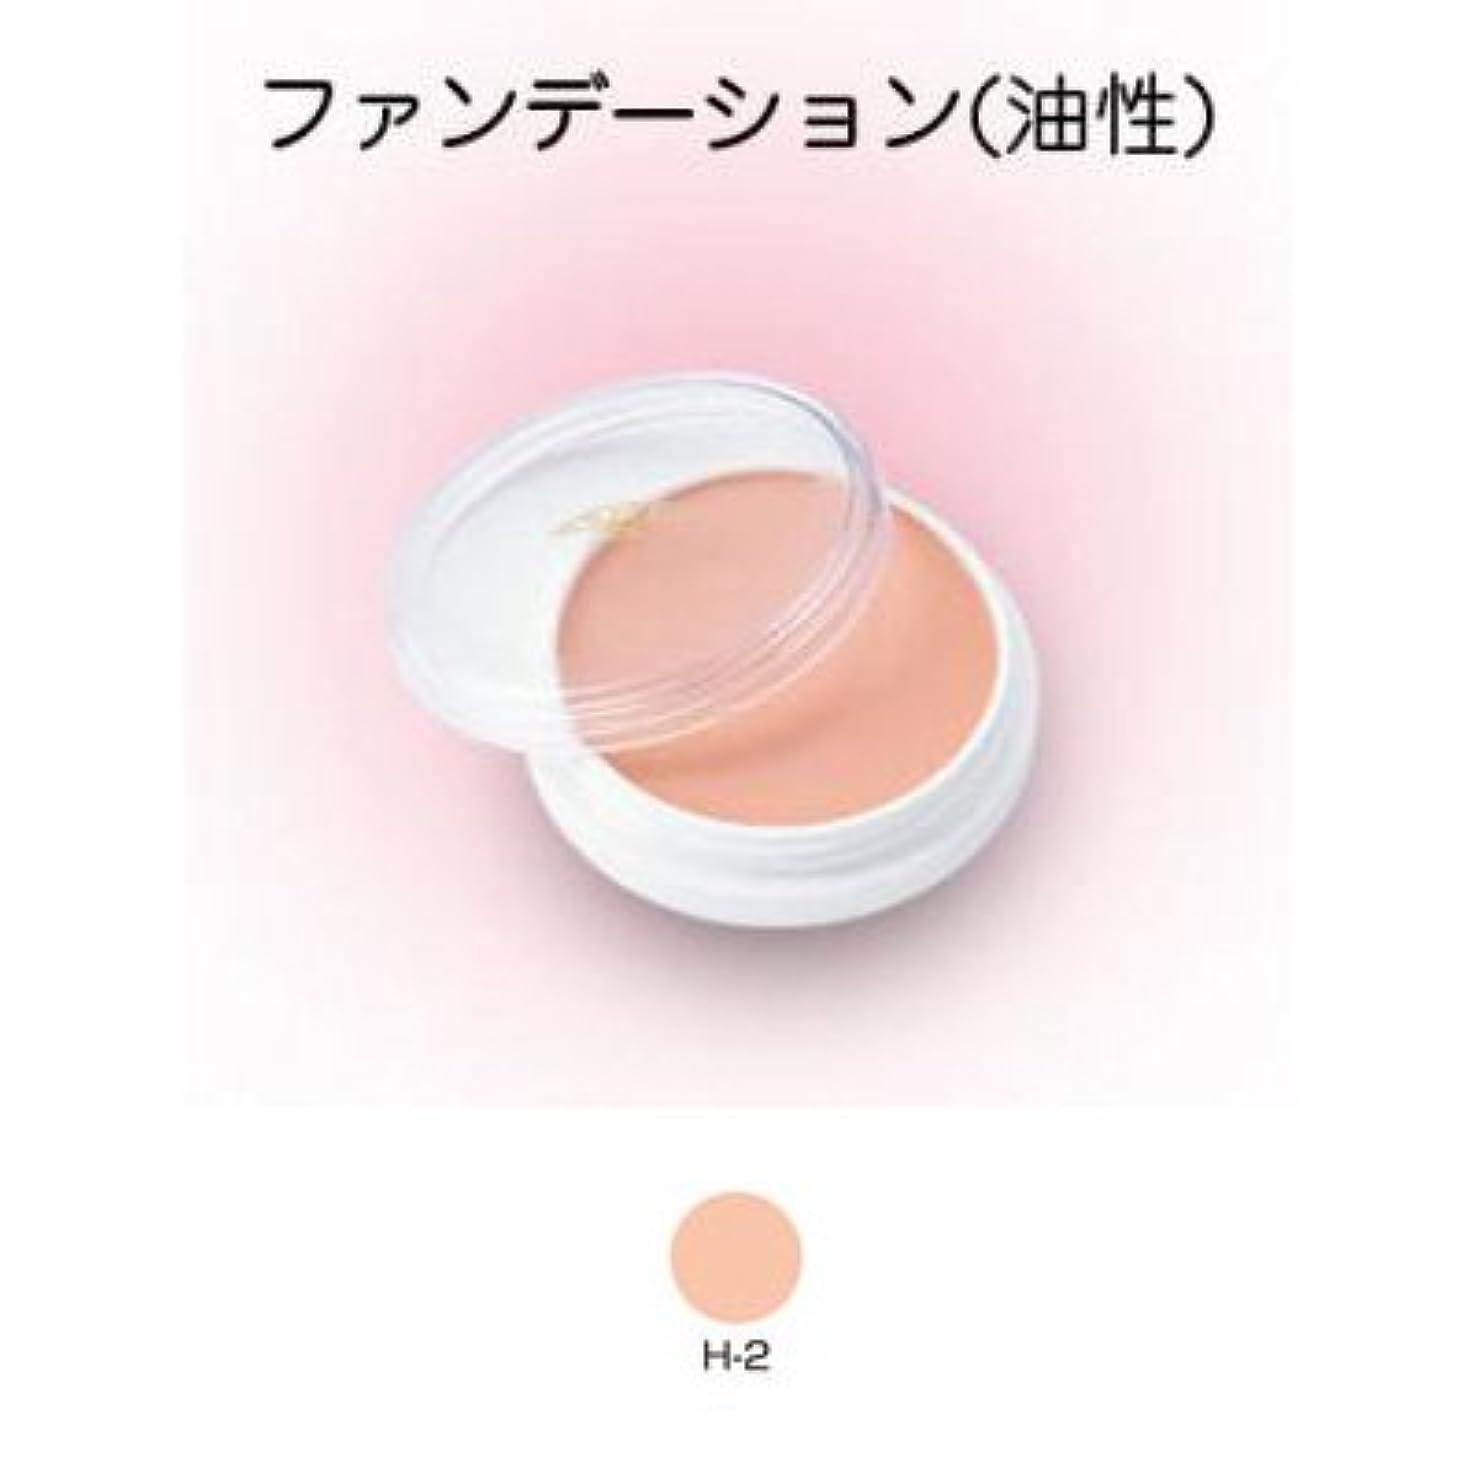 垂直美容師折グリースペイント 8g H-2 【三善】ドーラン